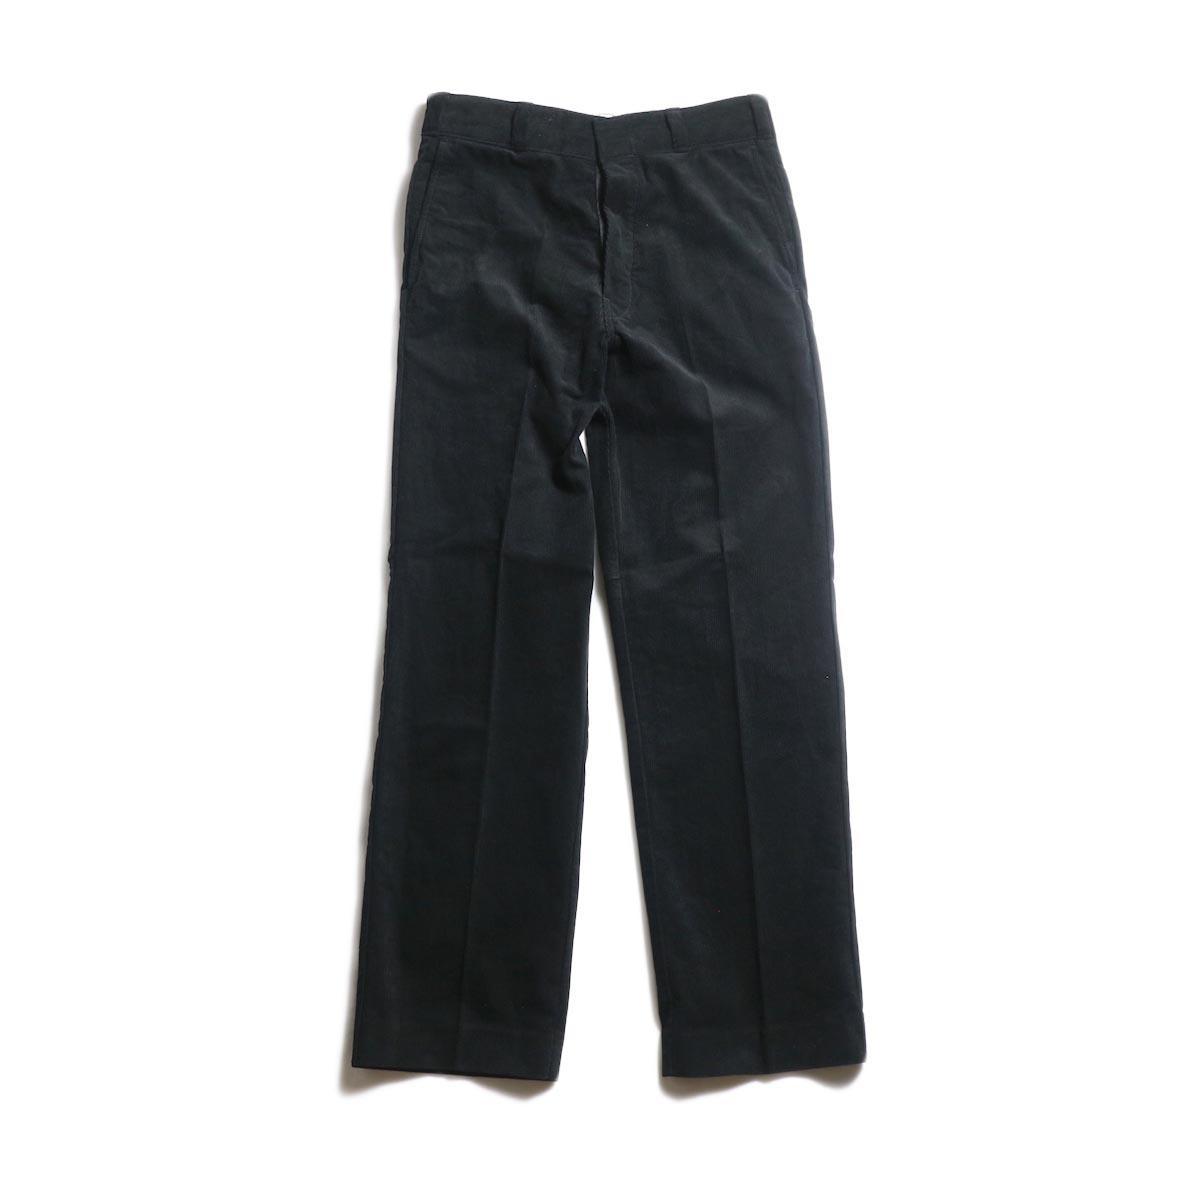 UNUSED × Dickies / UW0774 corduroy pant -Black